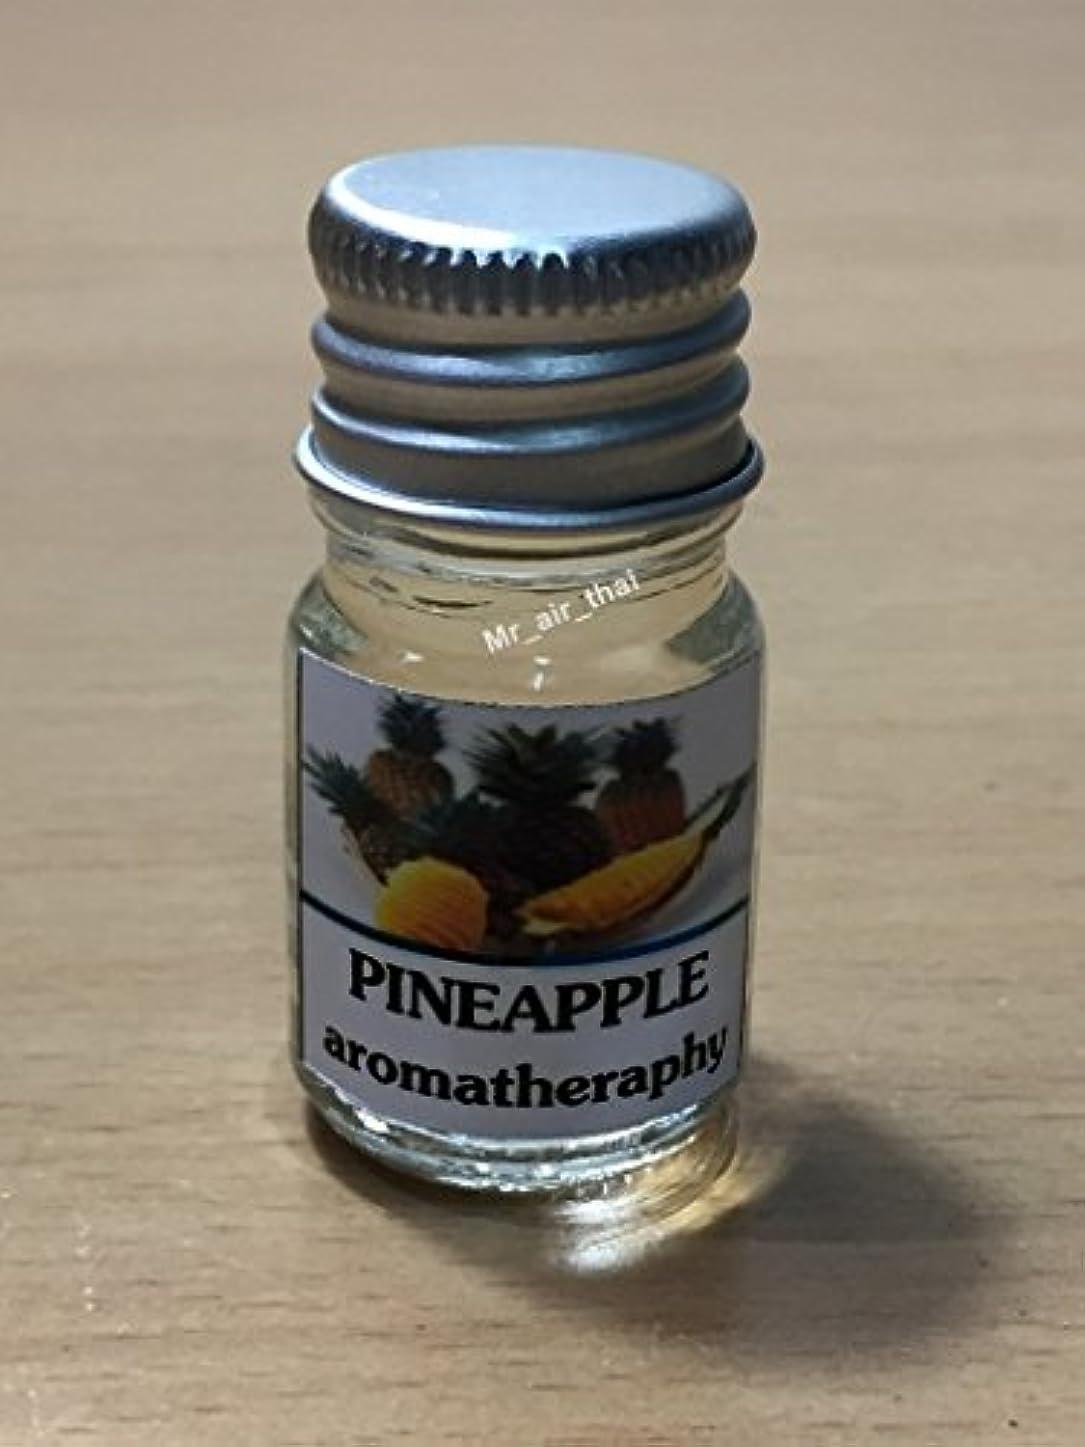 勉強するしたがって年金受給者5ミリリットルアロマパイナップルフランクインセンスエッセンシャルオイルボトルアロマテラピーオイル自然自然5ml Aroma Pineapple Frankincense Essential Oil Bottles Aromatherapy...